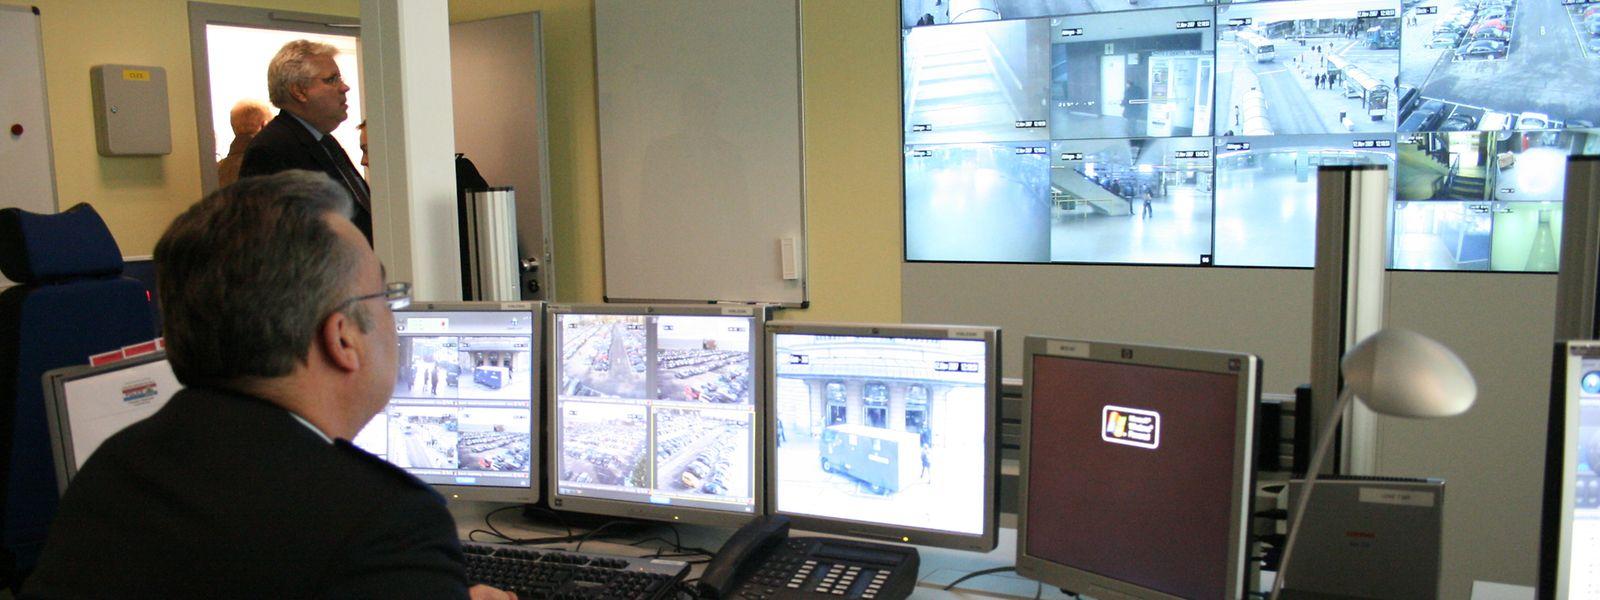 Die Visupol-Kameras werden von speziell ausgebildeten Beamten bedient.